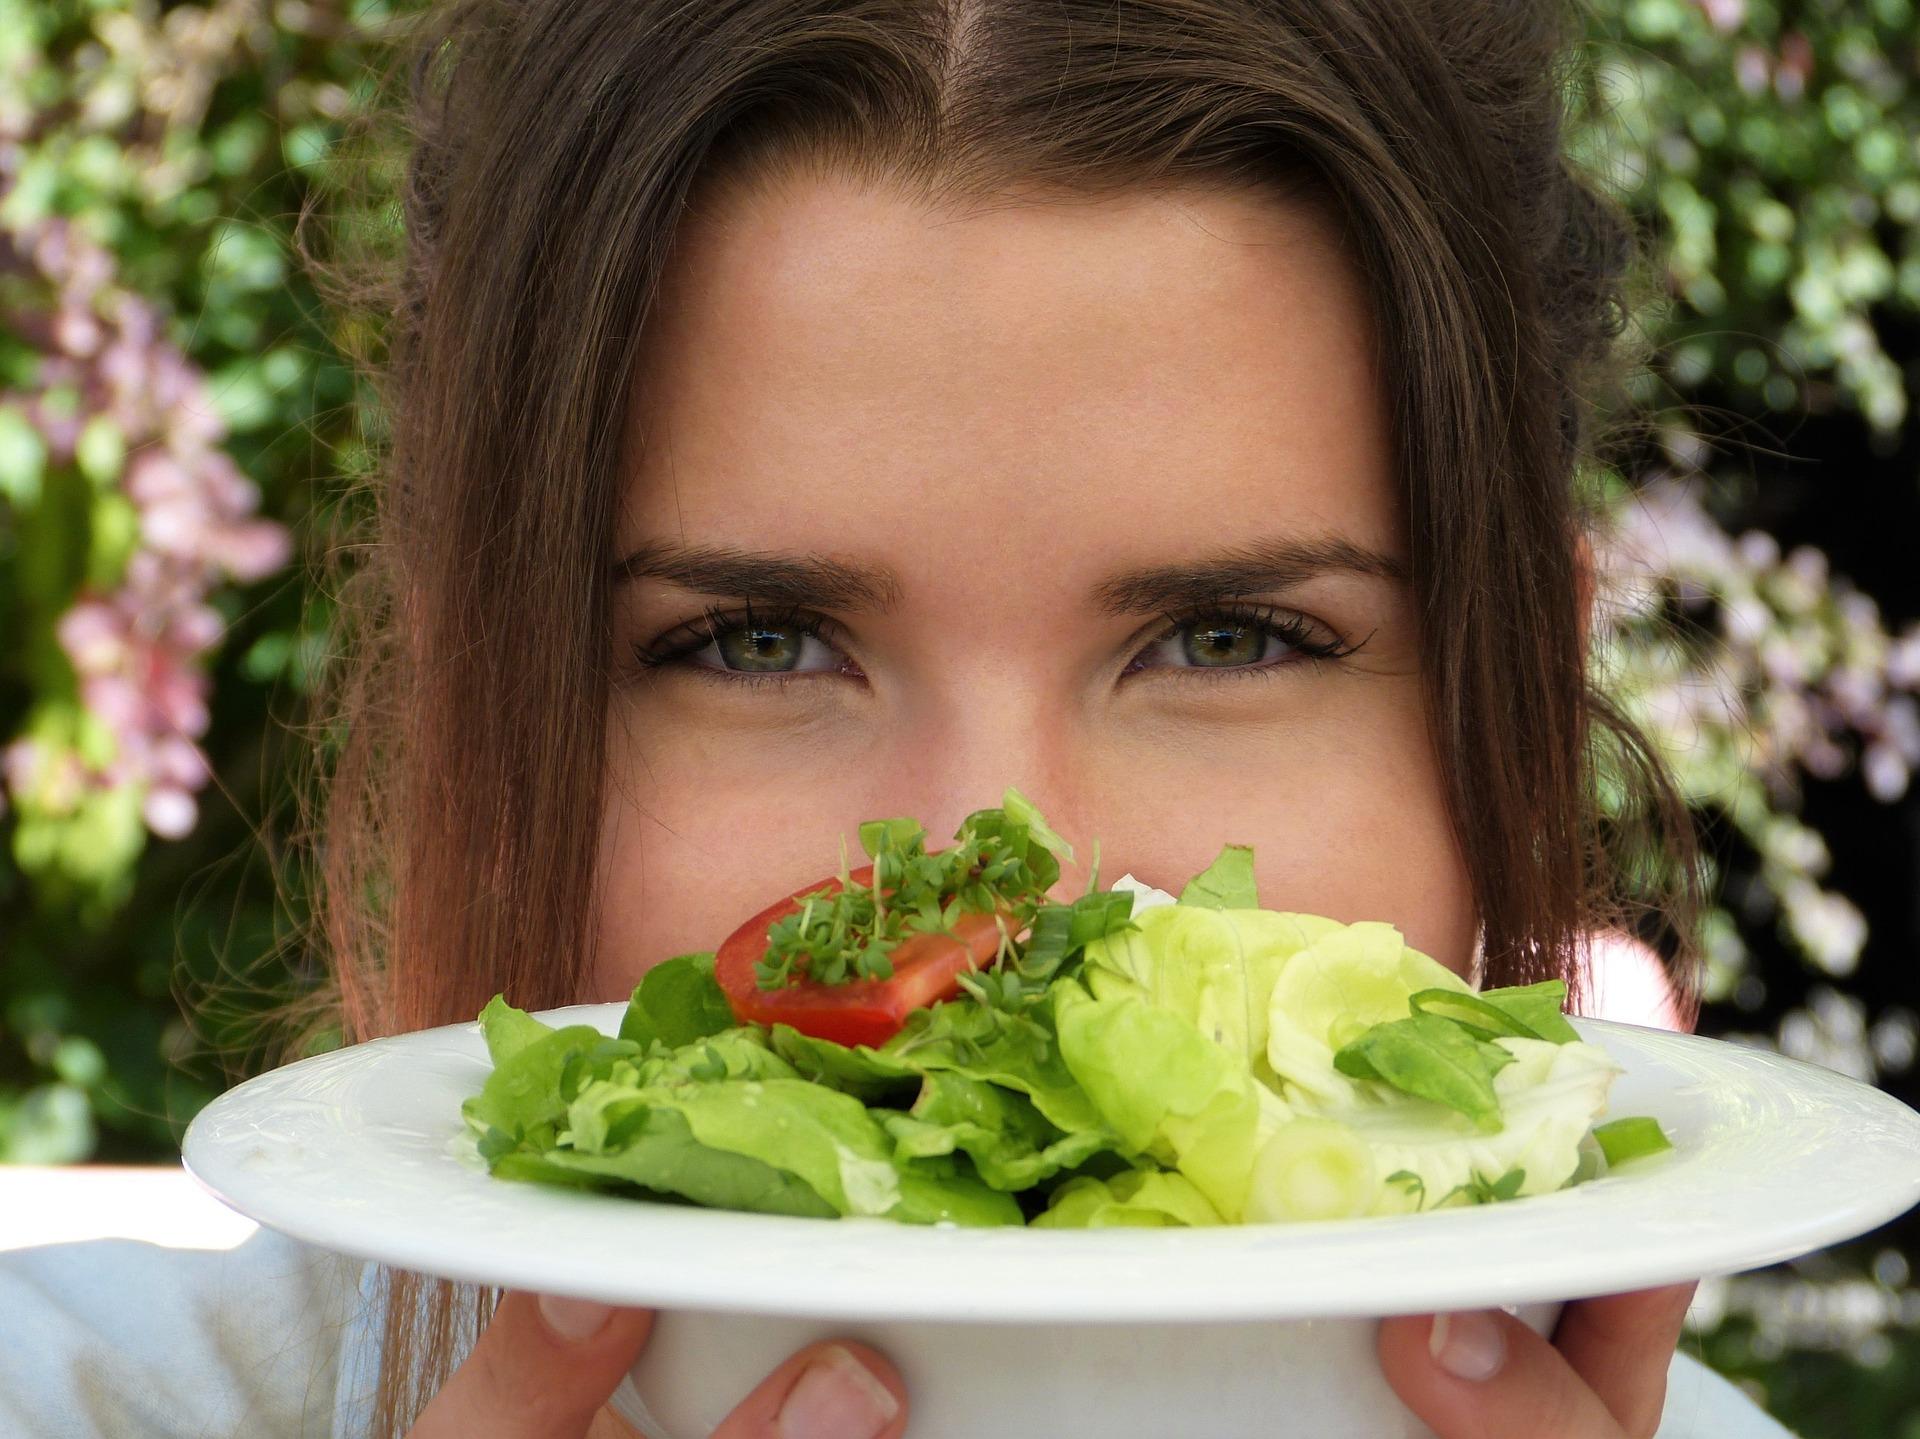 Gesund abnehmen - worauf du achten solltest